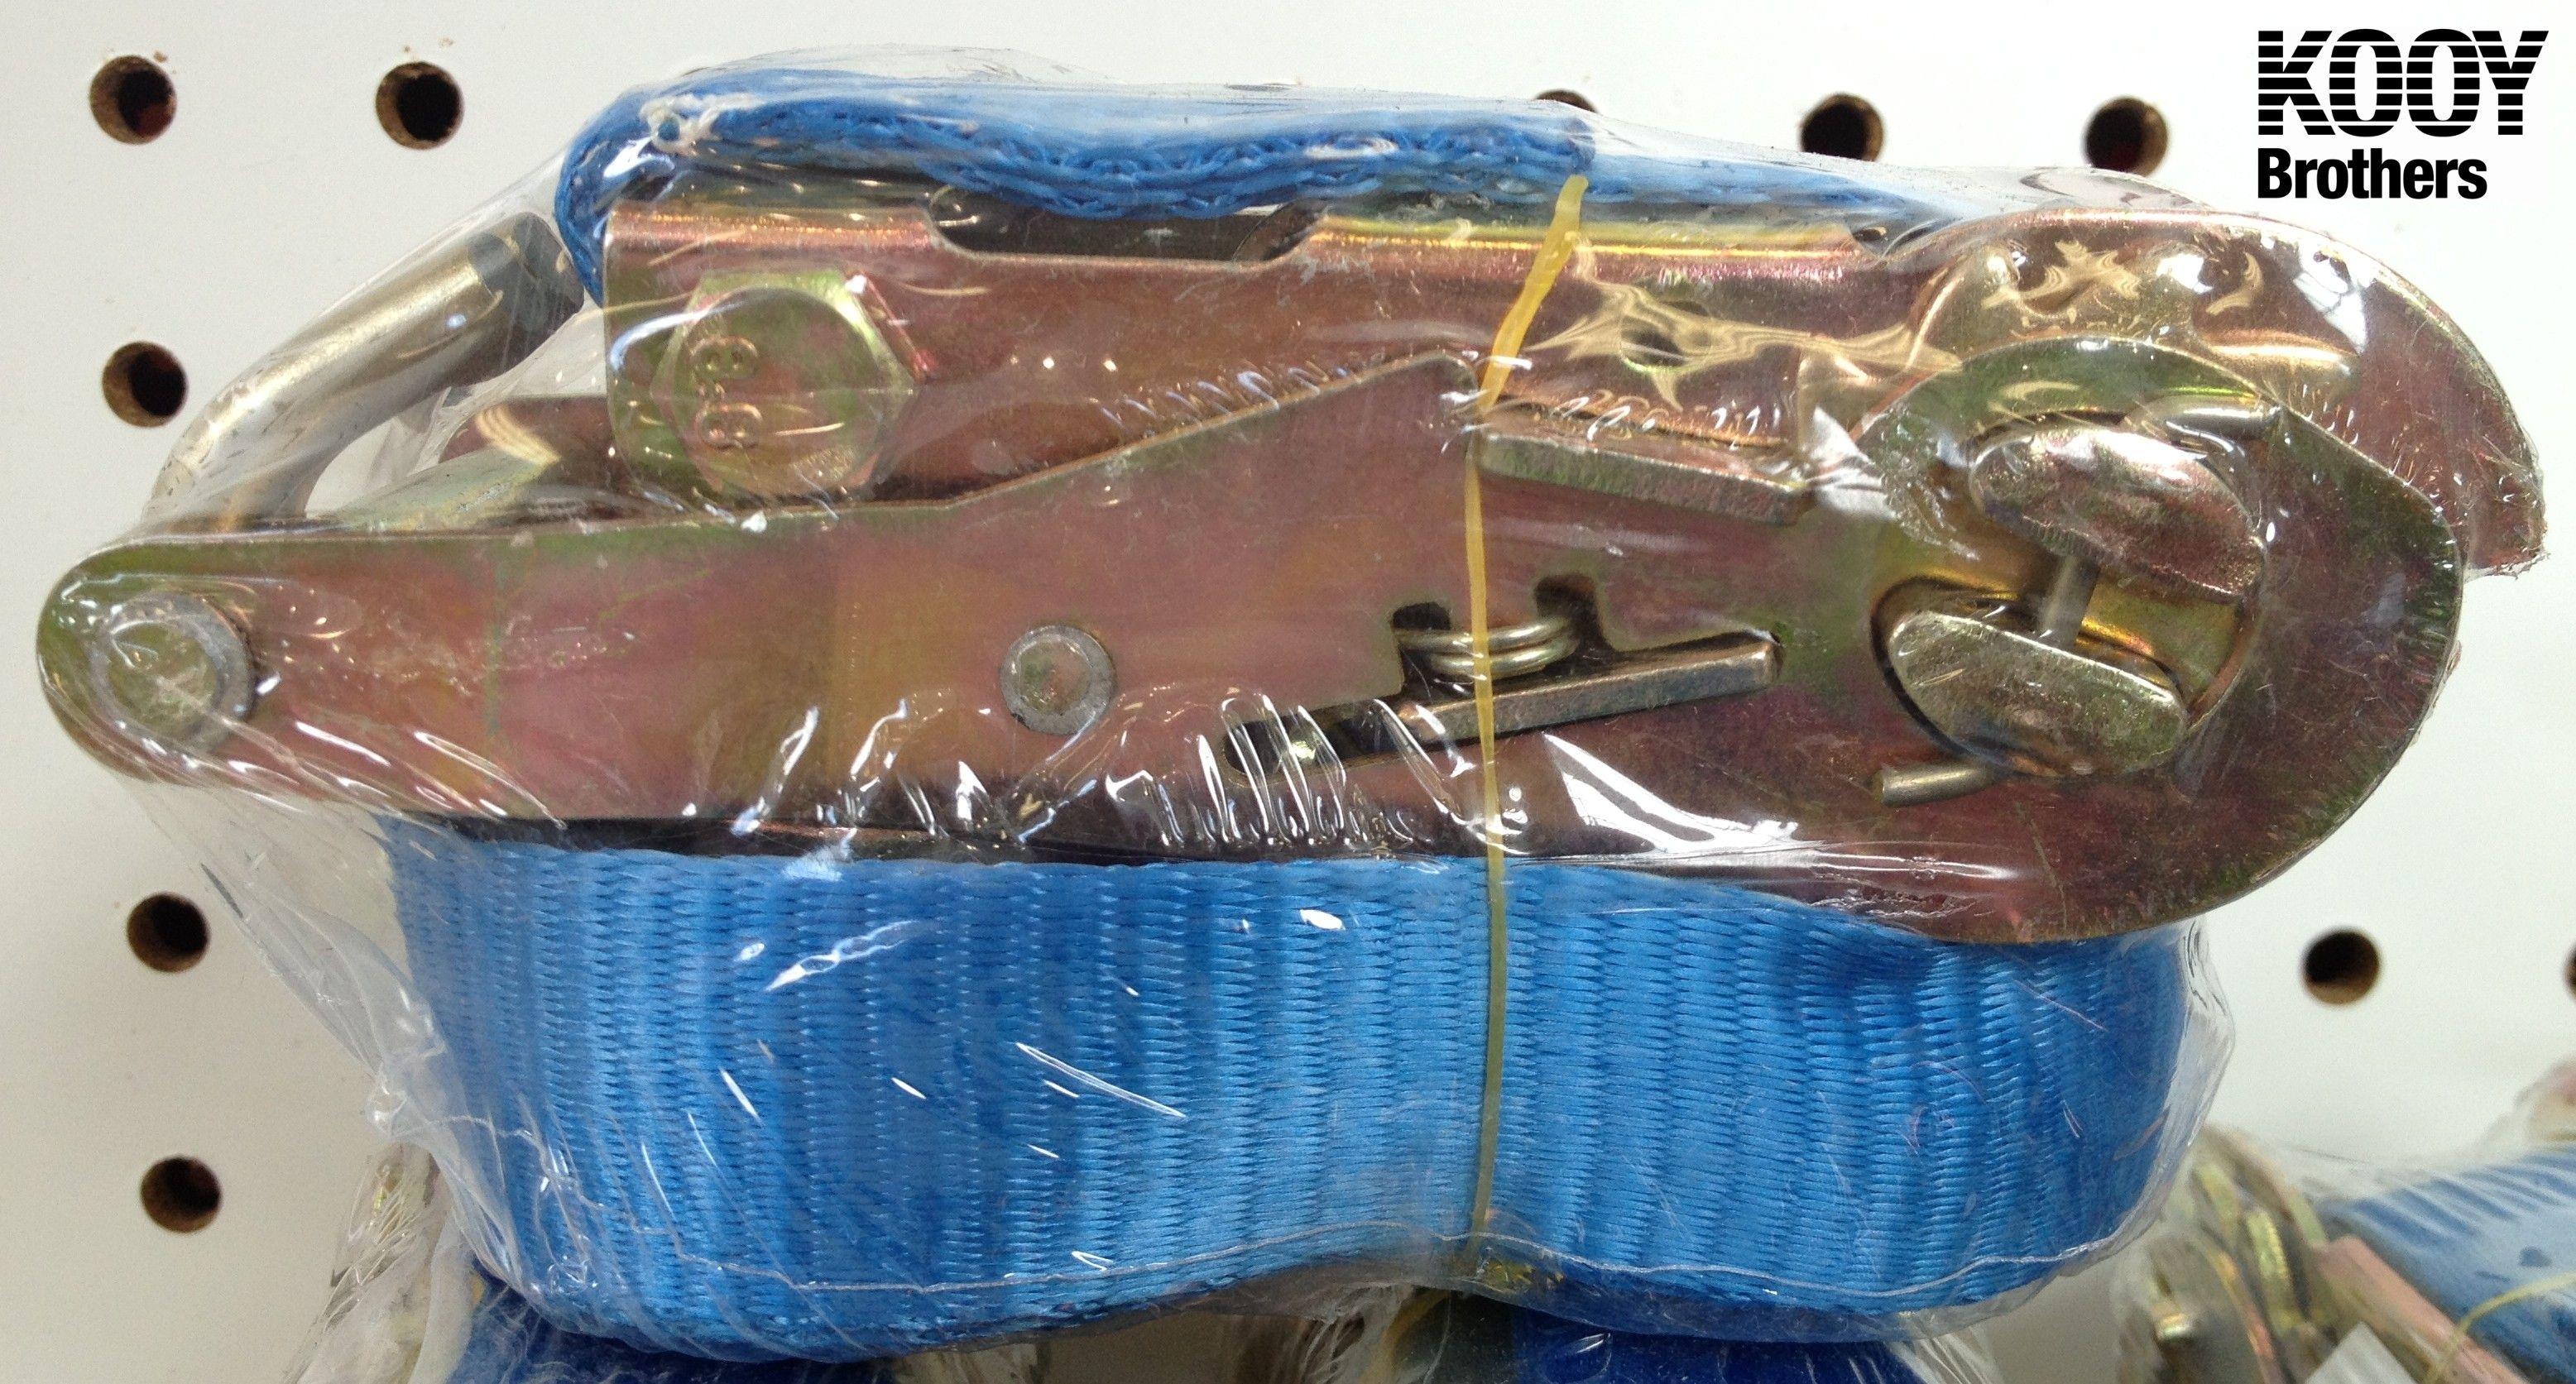 Blue ratchet strap (tie downs)